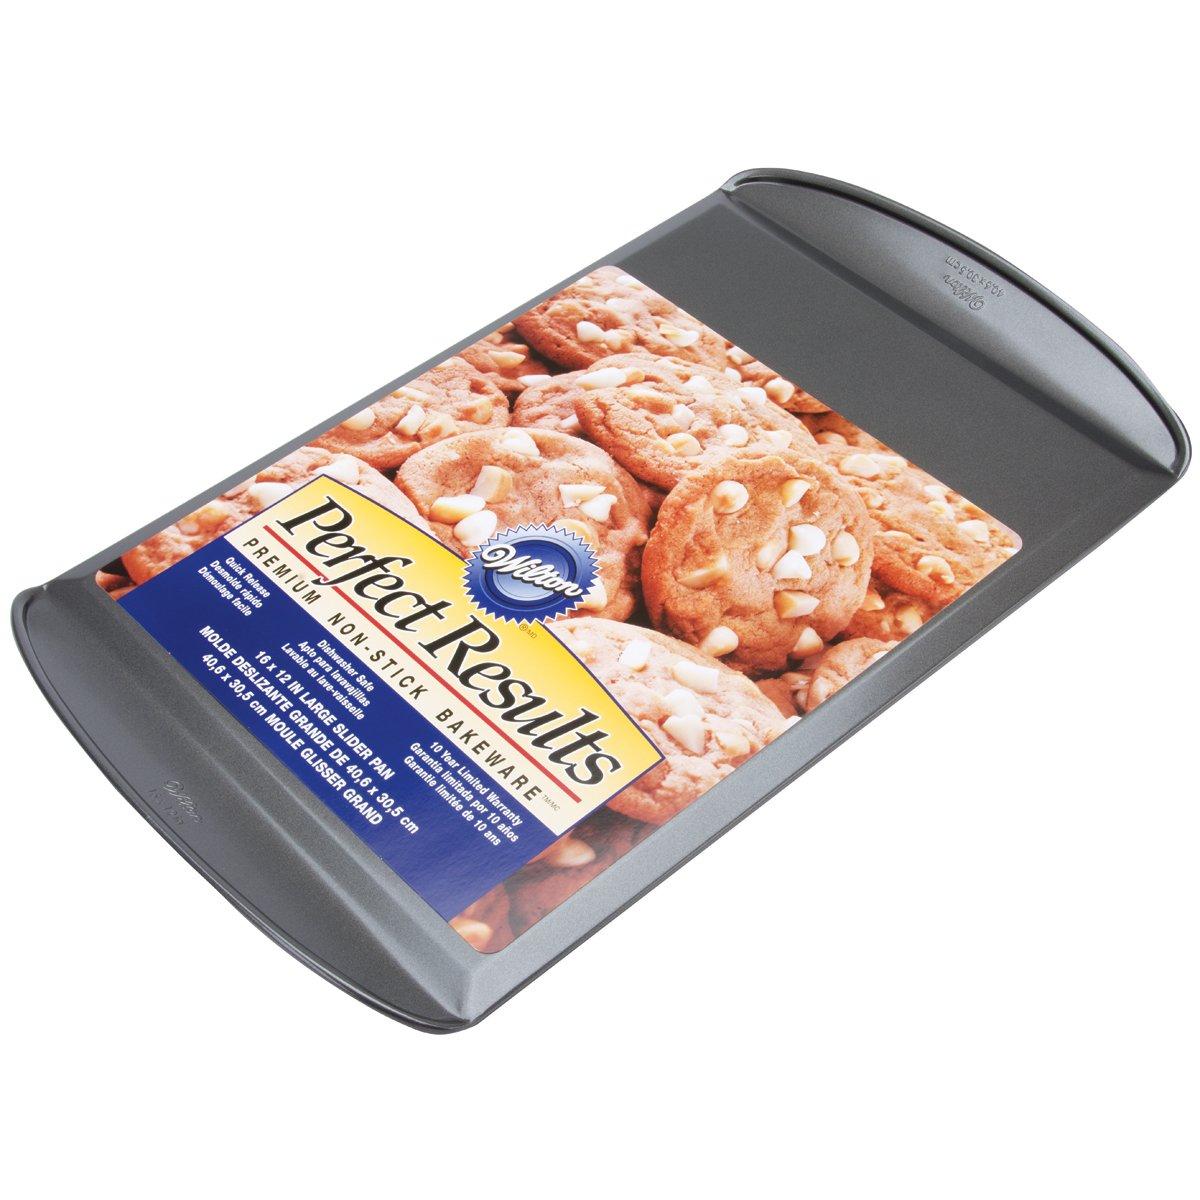 Wilton Premium Nonstick Cookie Slider, 12-Inch by 16-Inch